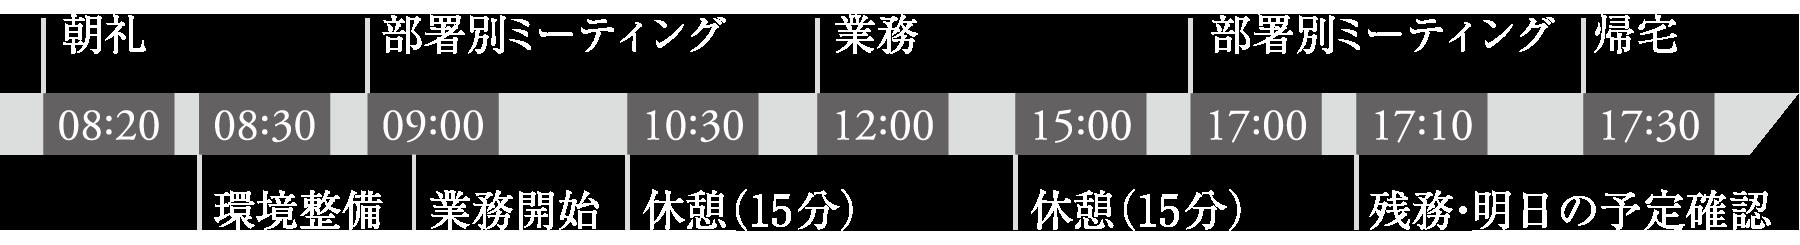 スタッフ紹介_製造部門